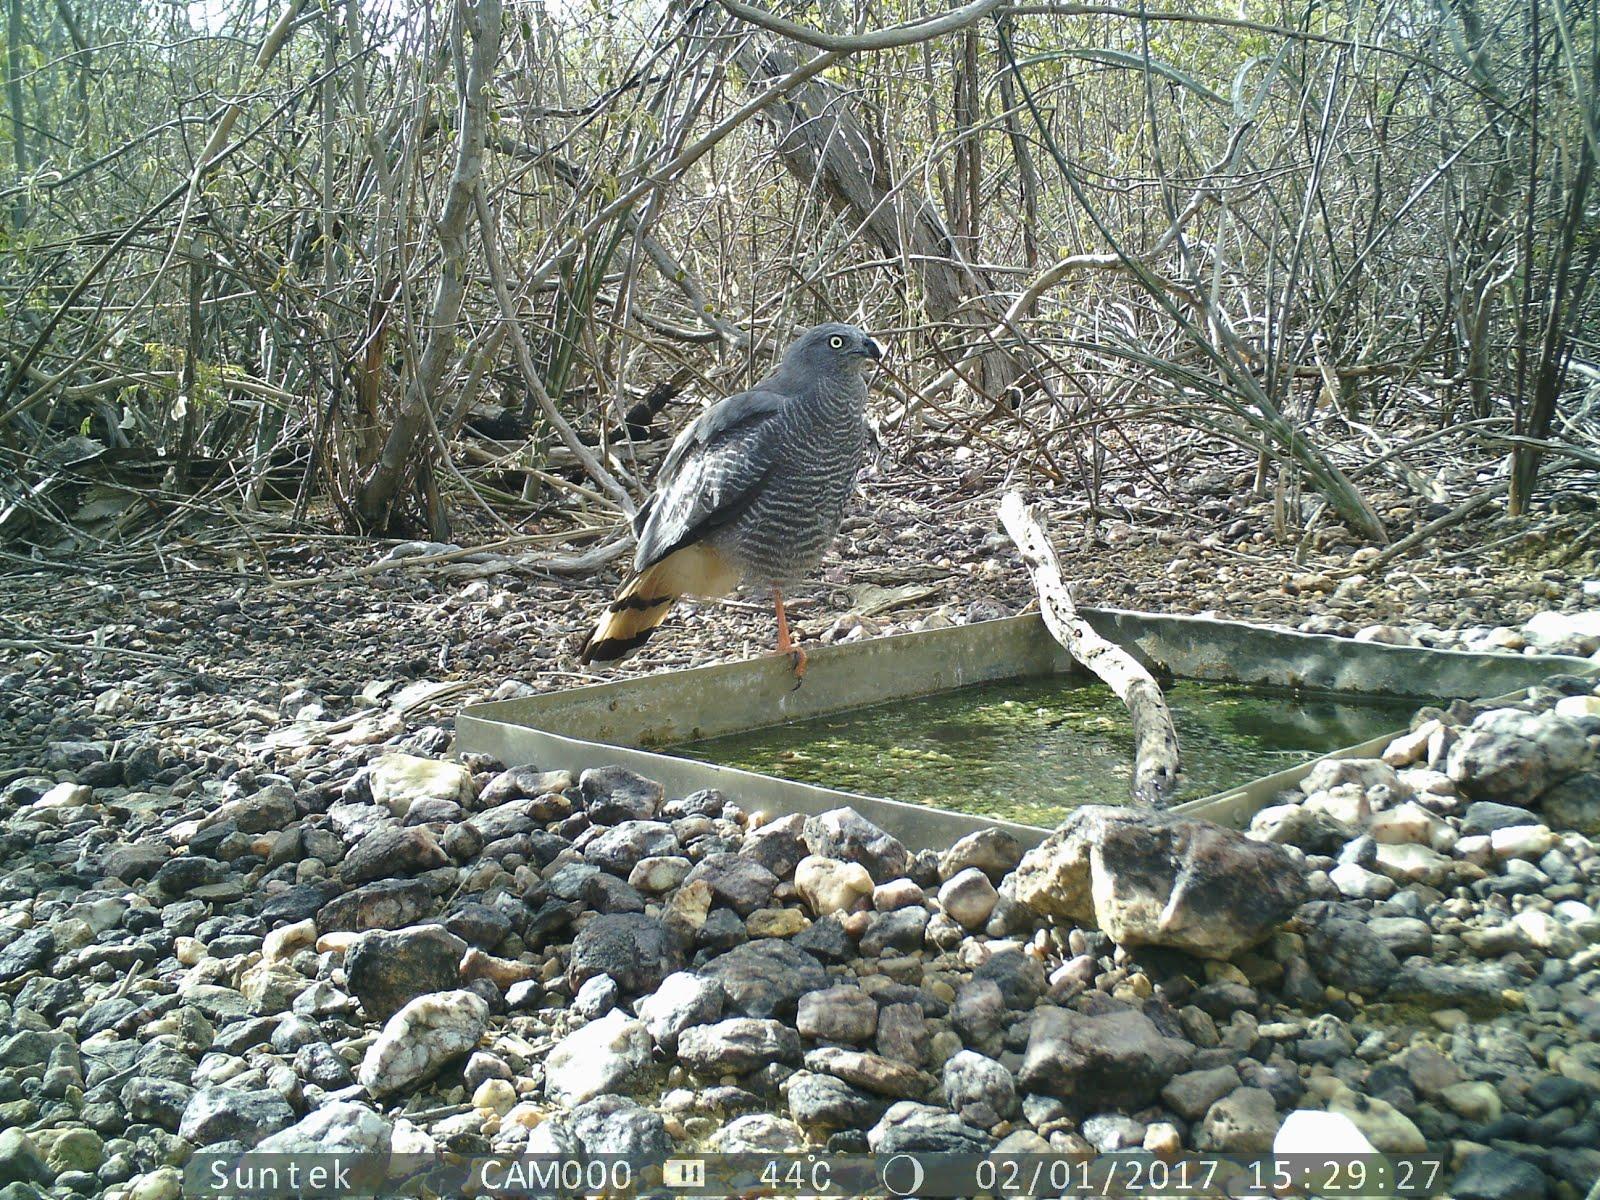 O belo gavião da caatinga